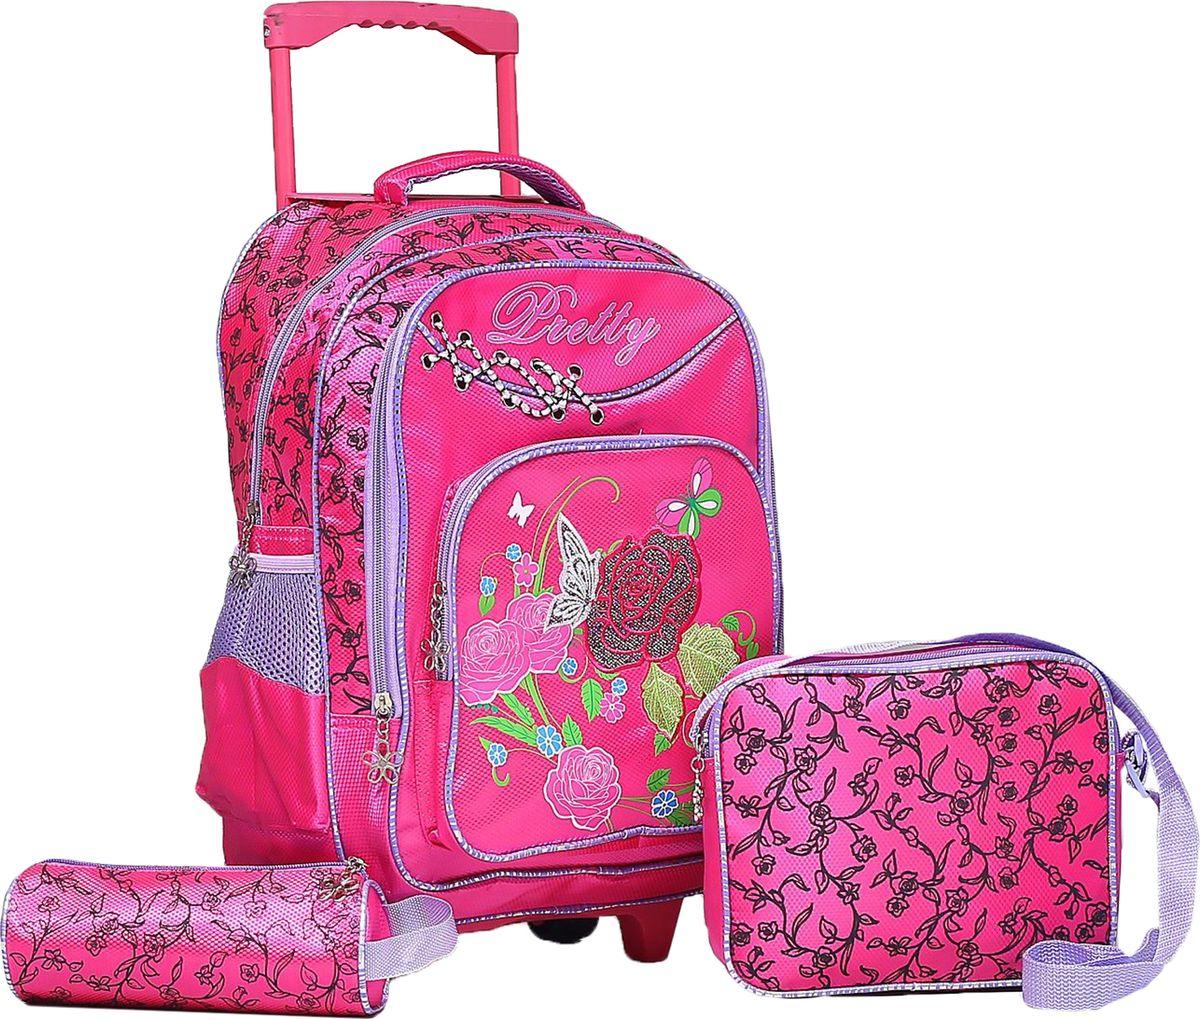 Страна Карнавалия Рюкзак Цветок цвет розовыйCREB-MT2-131Маленькие, казалось бы, незначительные элементы зачастую завершают, дополняют образ, подчёркивают статус, стиль и вкус своего обладателя. Рюкзак-чемодан школьный Цветок, на колёсах, 1 отдел, 2 наружных кармана, 2 боковых кармана-сетки, сумка на молнии, косметичка, цвет малиновый — одна из подобных деталей. Это вещь достойного качества, которая может стать прекрасным подарком по любому поводу.